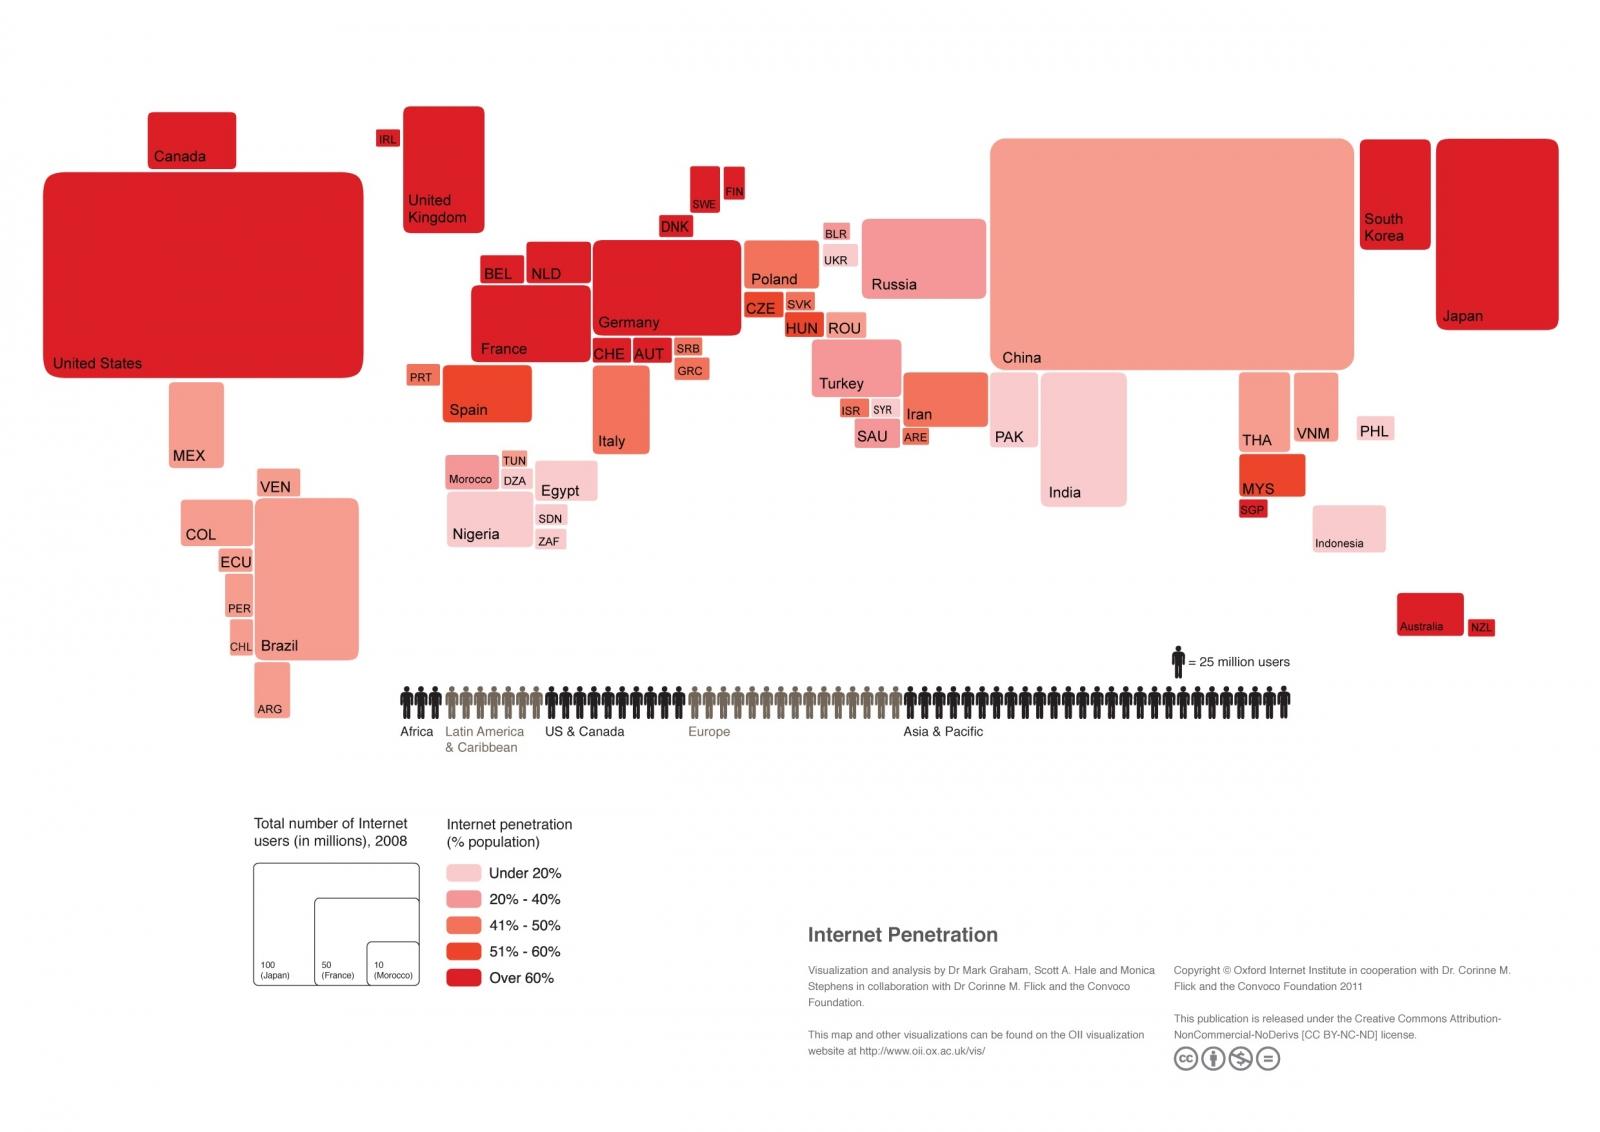 Cum ar arăta harta lumii dacă țările ar fi la fel de mari ca numărul de utilizatori online